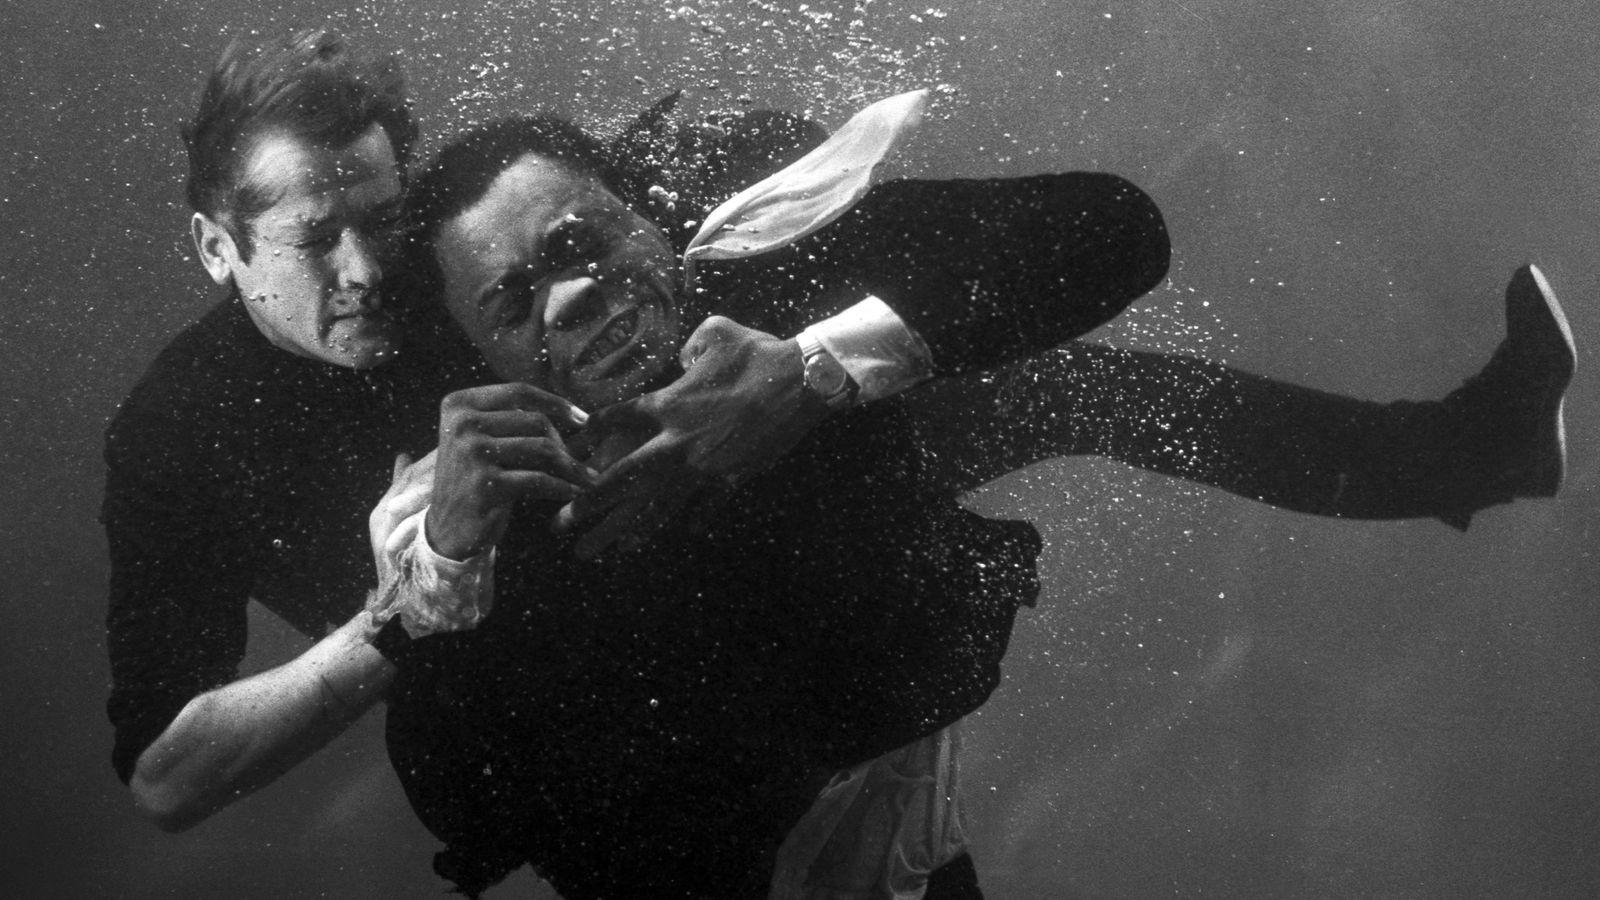 James Bond: Rare Terry O'Neill photographs celebrate 007 | Ents & Arts News - Sky News